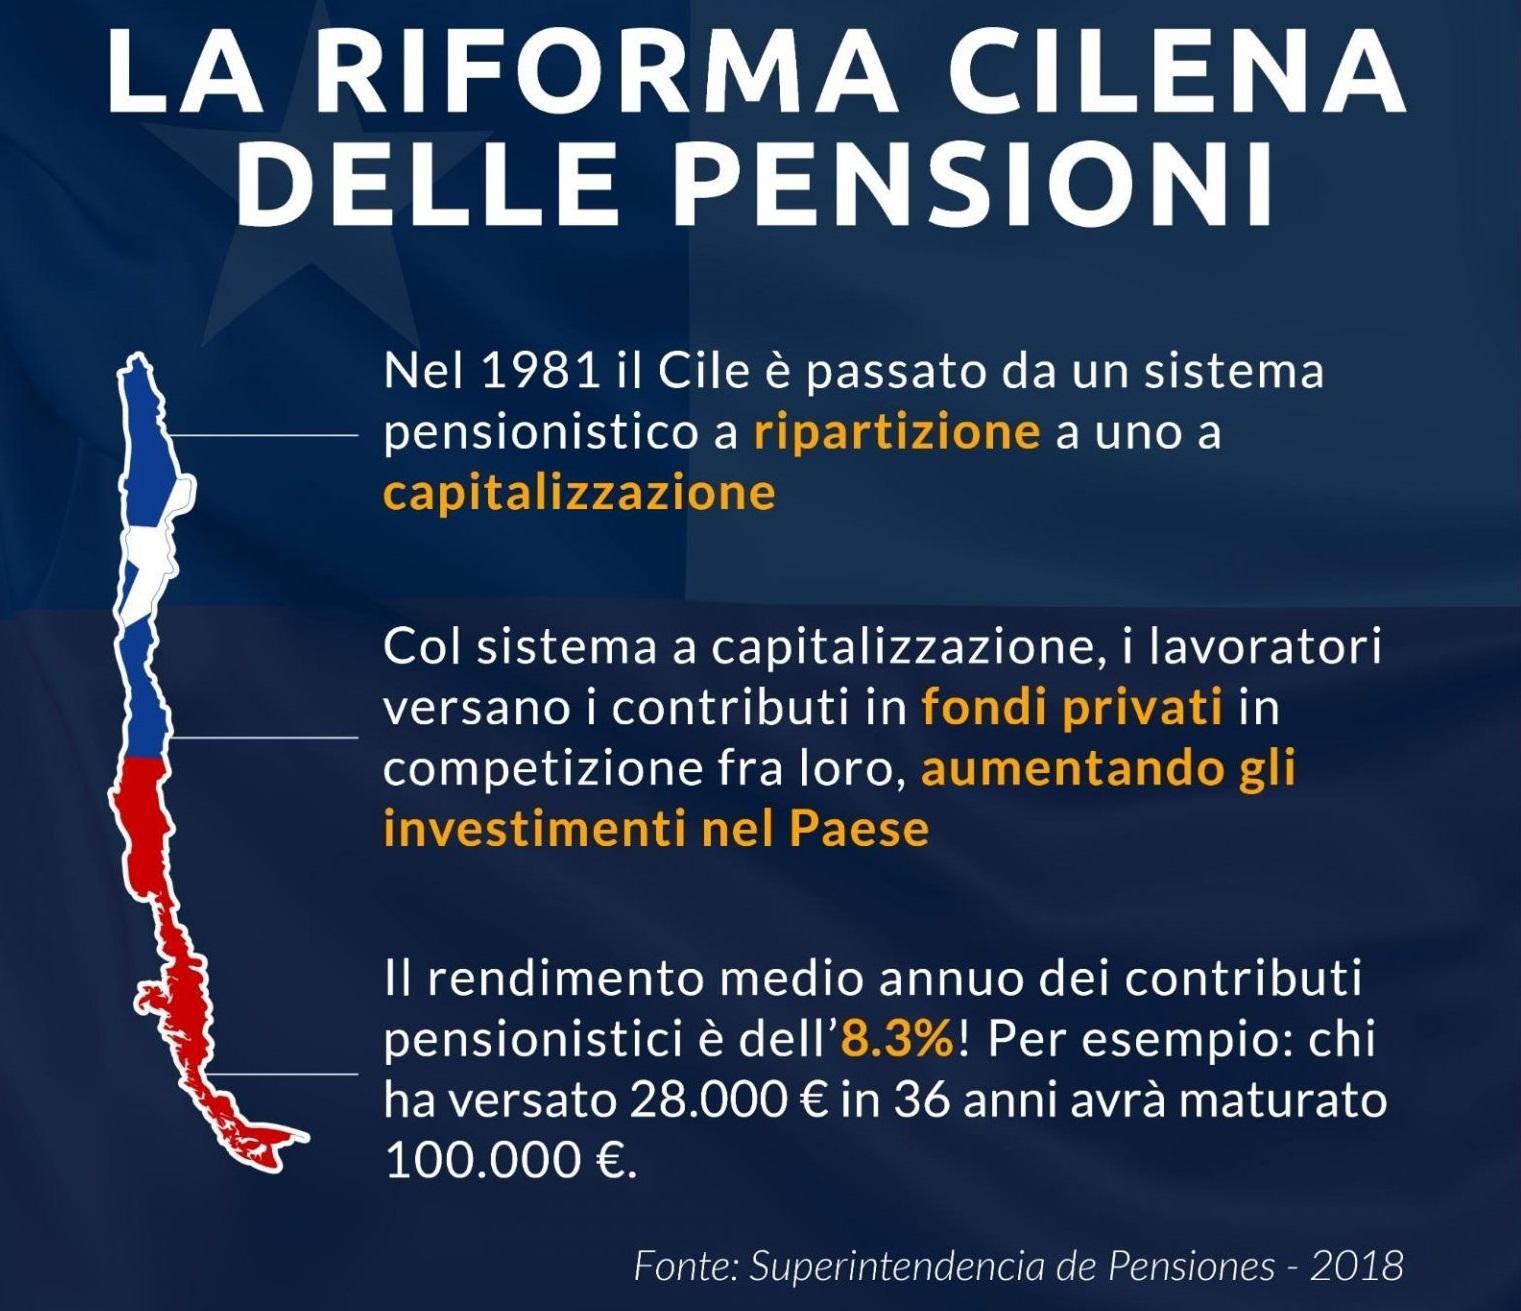 riforma cilena delle pensioni Jose Pinera